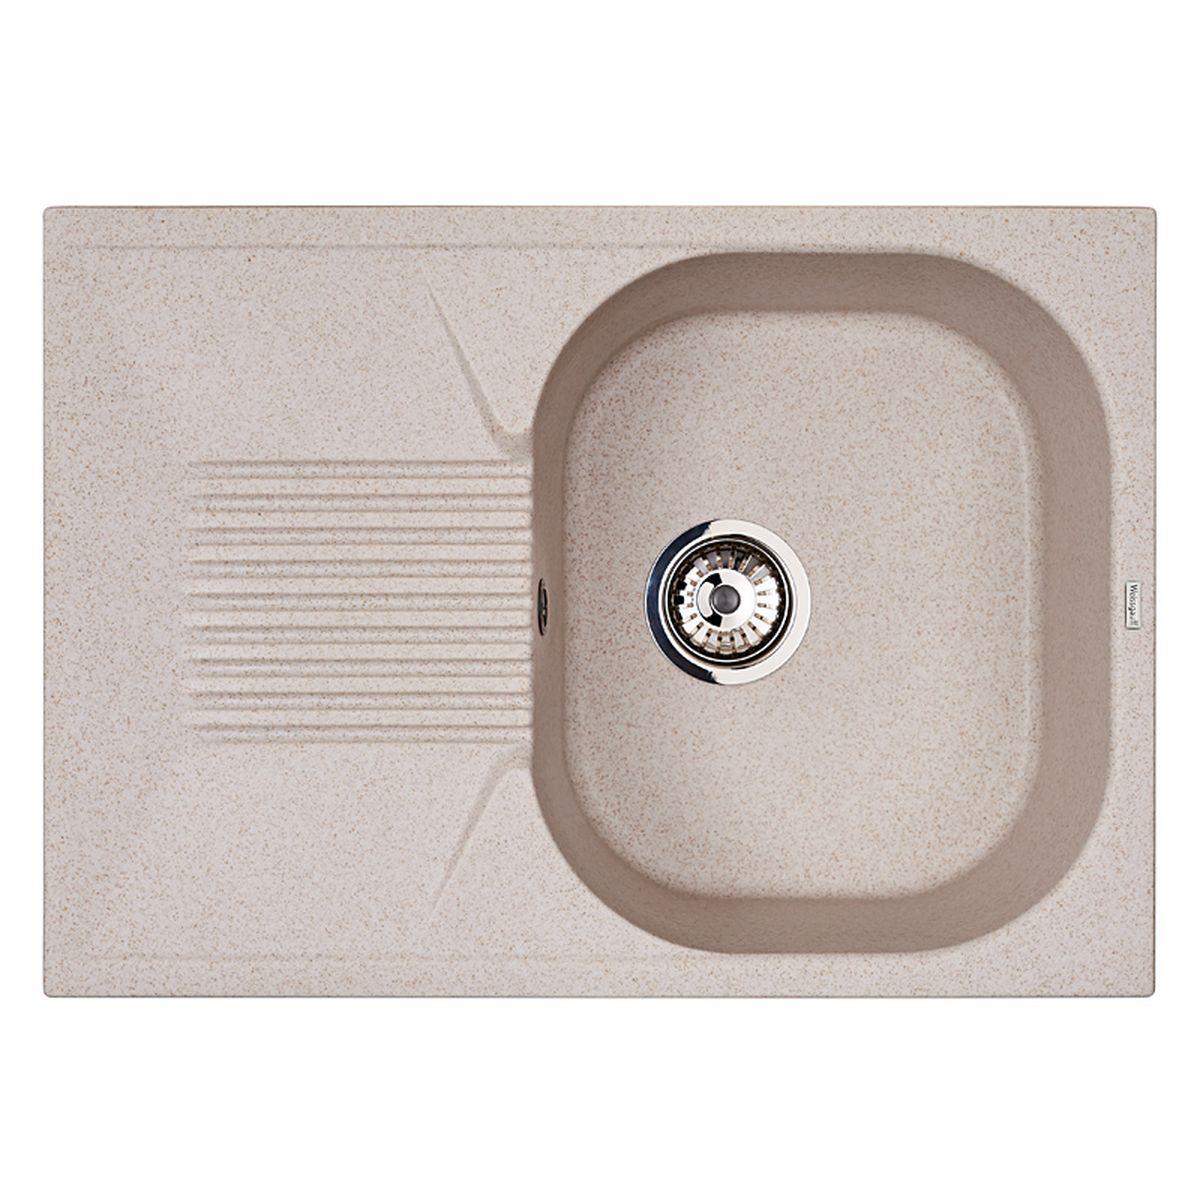 Мойка Weissgauff Classic 695 Eco Granit, цвет: светло-бежевый, 69,0 х 19,0 х 49,0 см267296Гранитные мойки Weissgauff Eco Granit – классическая коллекция моек, изготовленных из специально подобранных композитных материалов , содержащих оптимальное сочетание 80% каменной массы высокого качества и 20% связующих материалов. Оригинальный и функциональный дизайн - технология изготовления позволяет создавать любые цвета и формы, оптимальные для современных кухонь. Мойки Weissgauff легко подобрать к интерьеру любой кухни, для разных цветов и форм столешниц Влагостойкость - отталкивание влаги – одна из примечательных особенностей моек из искусственного камня за счет связующих композитных материалов, которые продлевают их срок службы и способствуют сохранению первоначального вида Термостойкость - подвергая мойки воздействию высоких температур, например, различными горячими жидкостями, будьте уверенны, что мойки Weissgauff – эталон стойкости и качества, так как они устойчивы к перепаду температур. Специальный состав моек Weisgauff избавляет от проблемы...